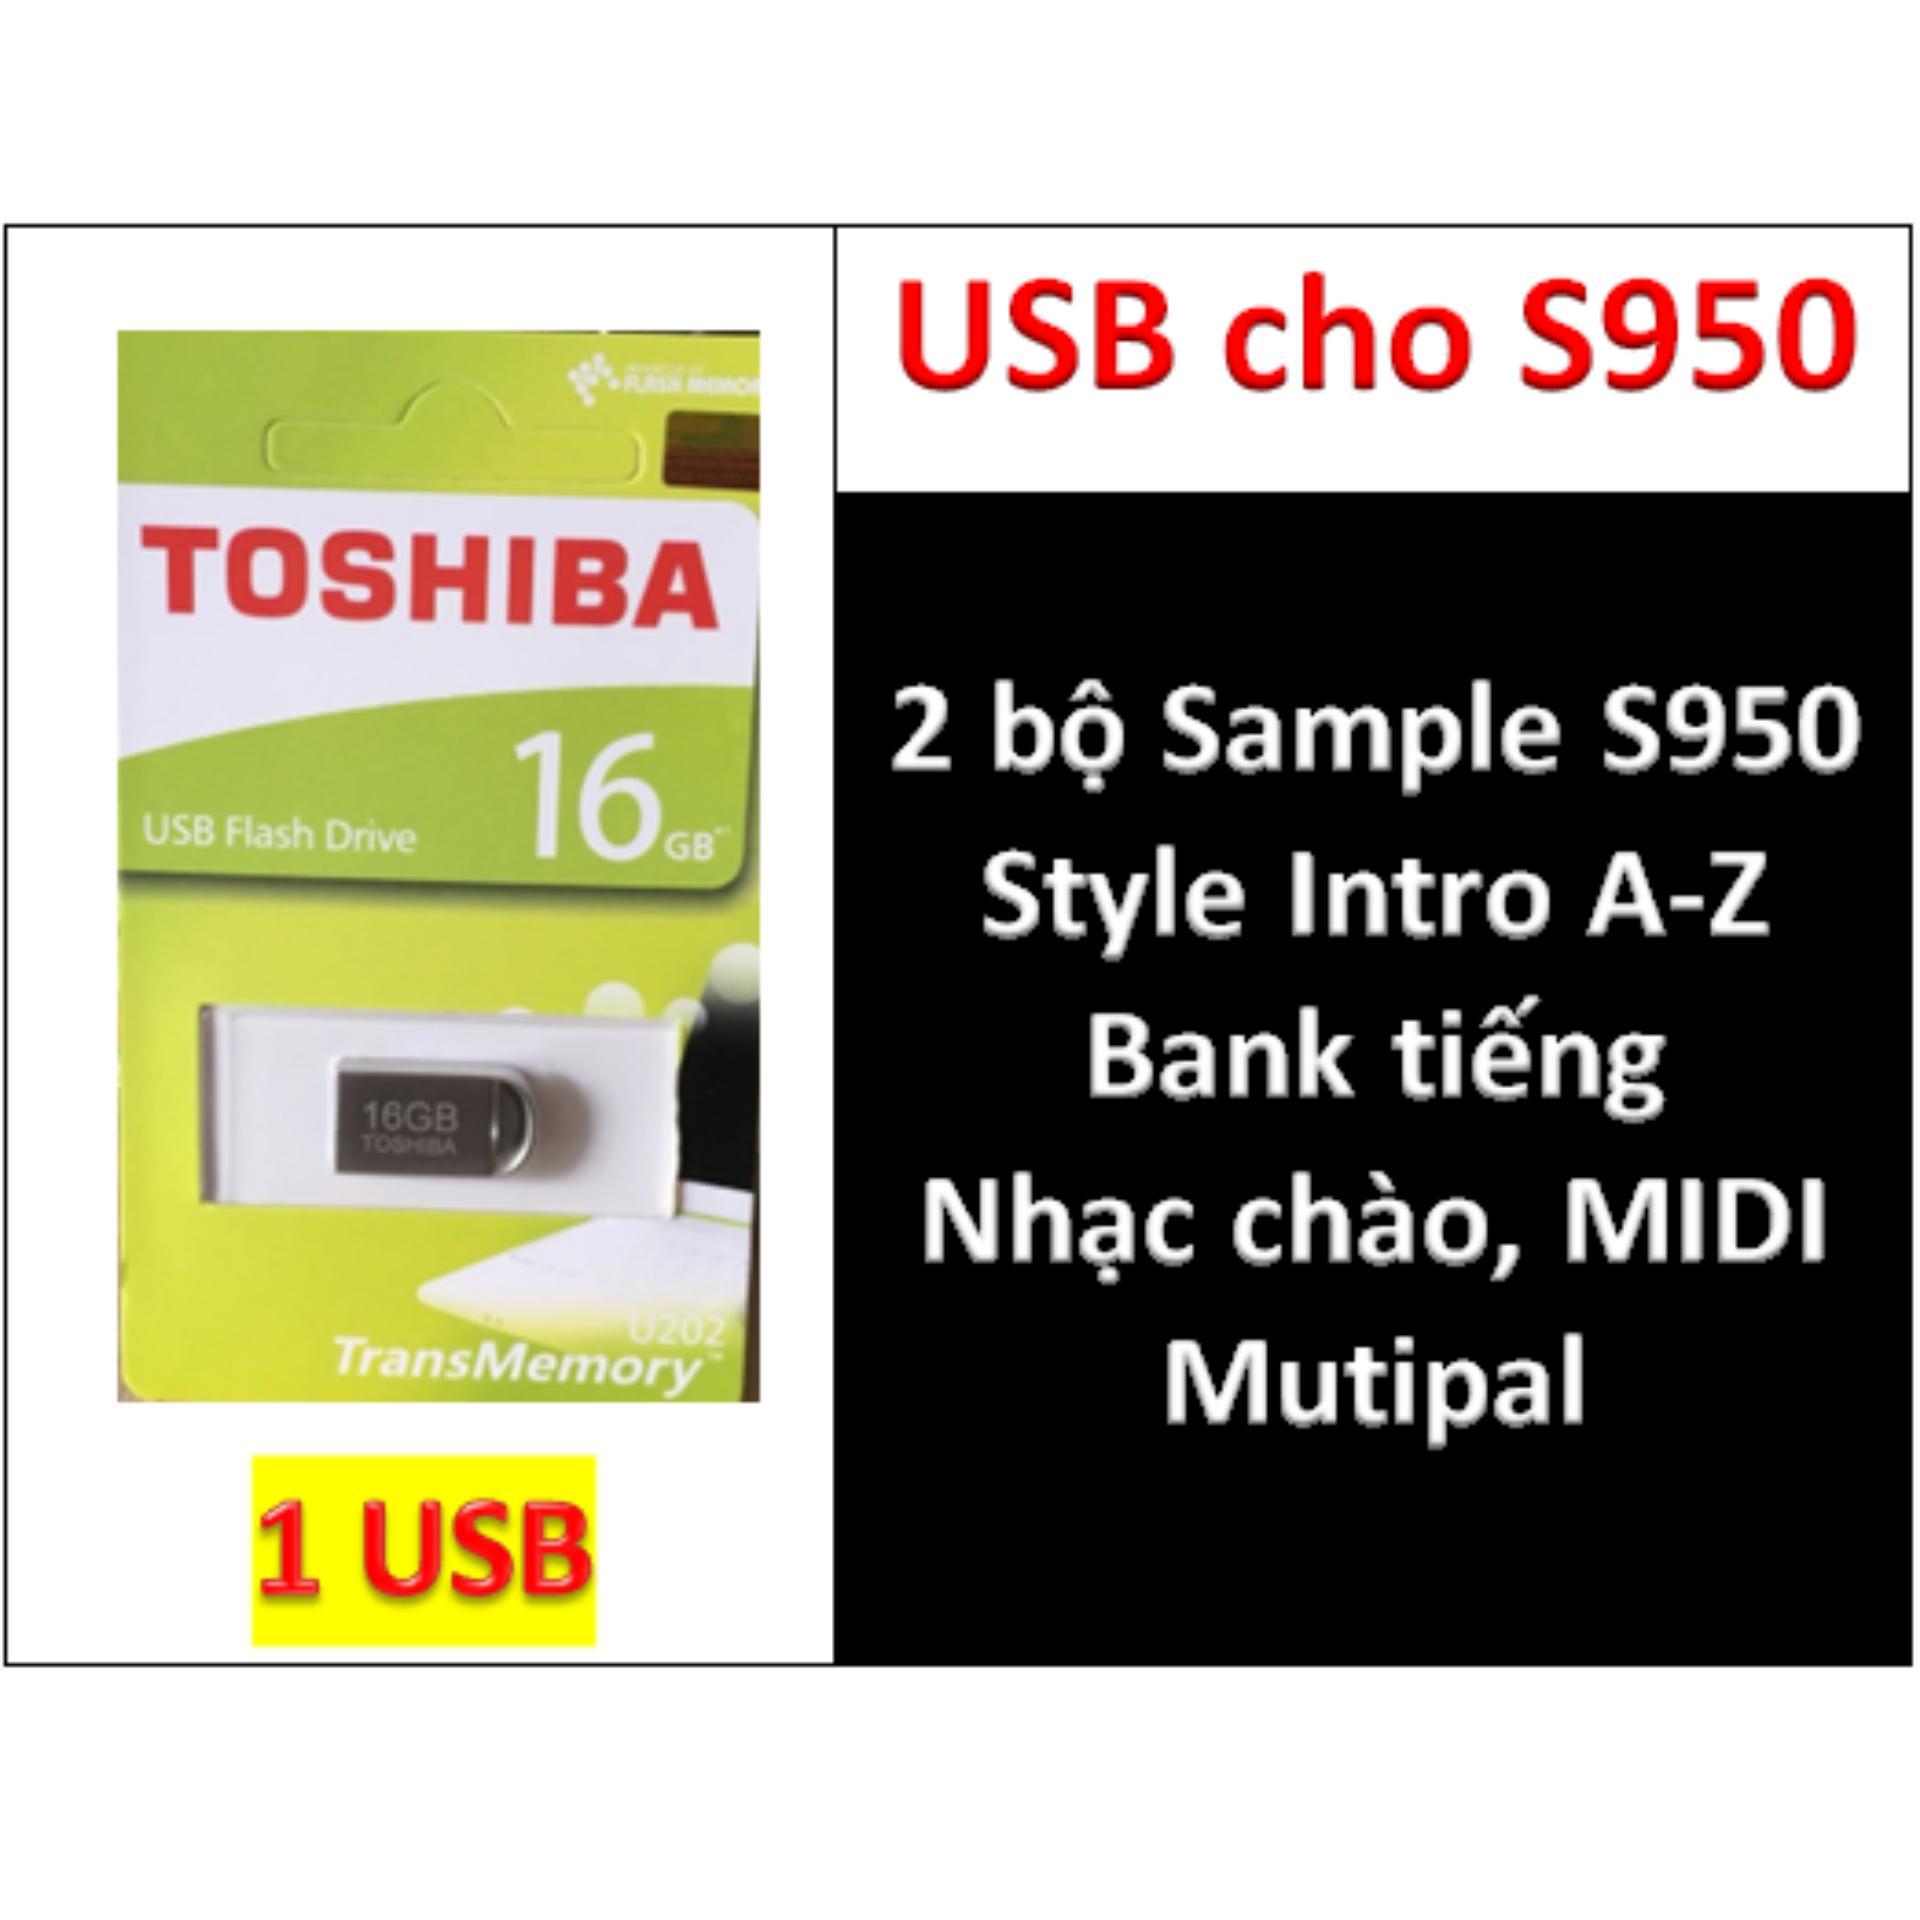 USB mini 2 BỘ Sample cho đàn organ yamaha PSR-S950, Style, nhạc chào, songbook, midi + Full dữ liệu làm show